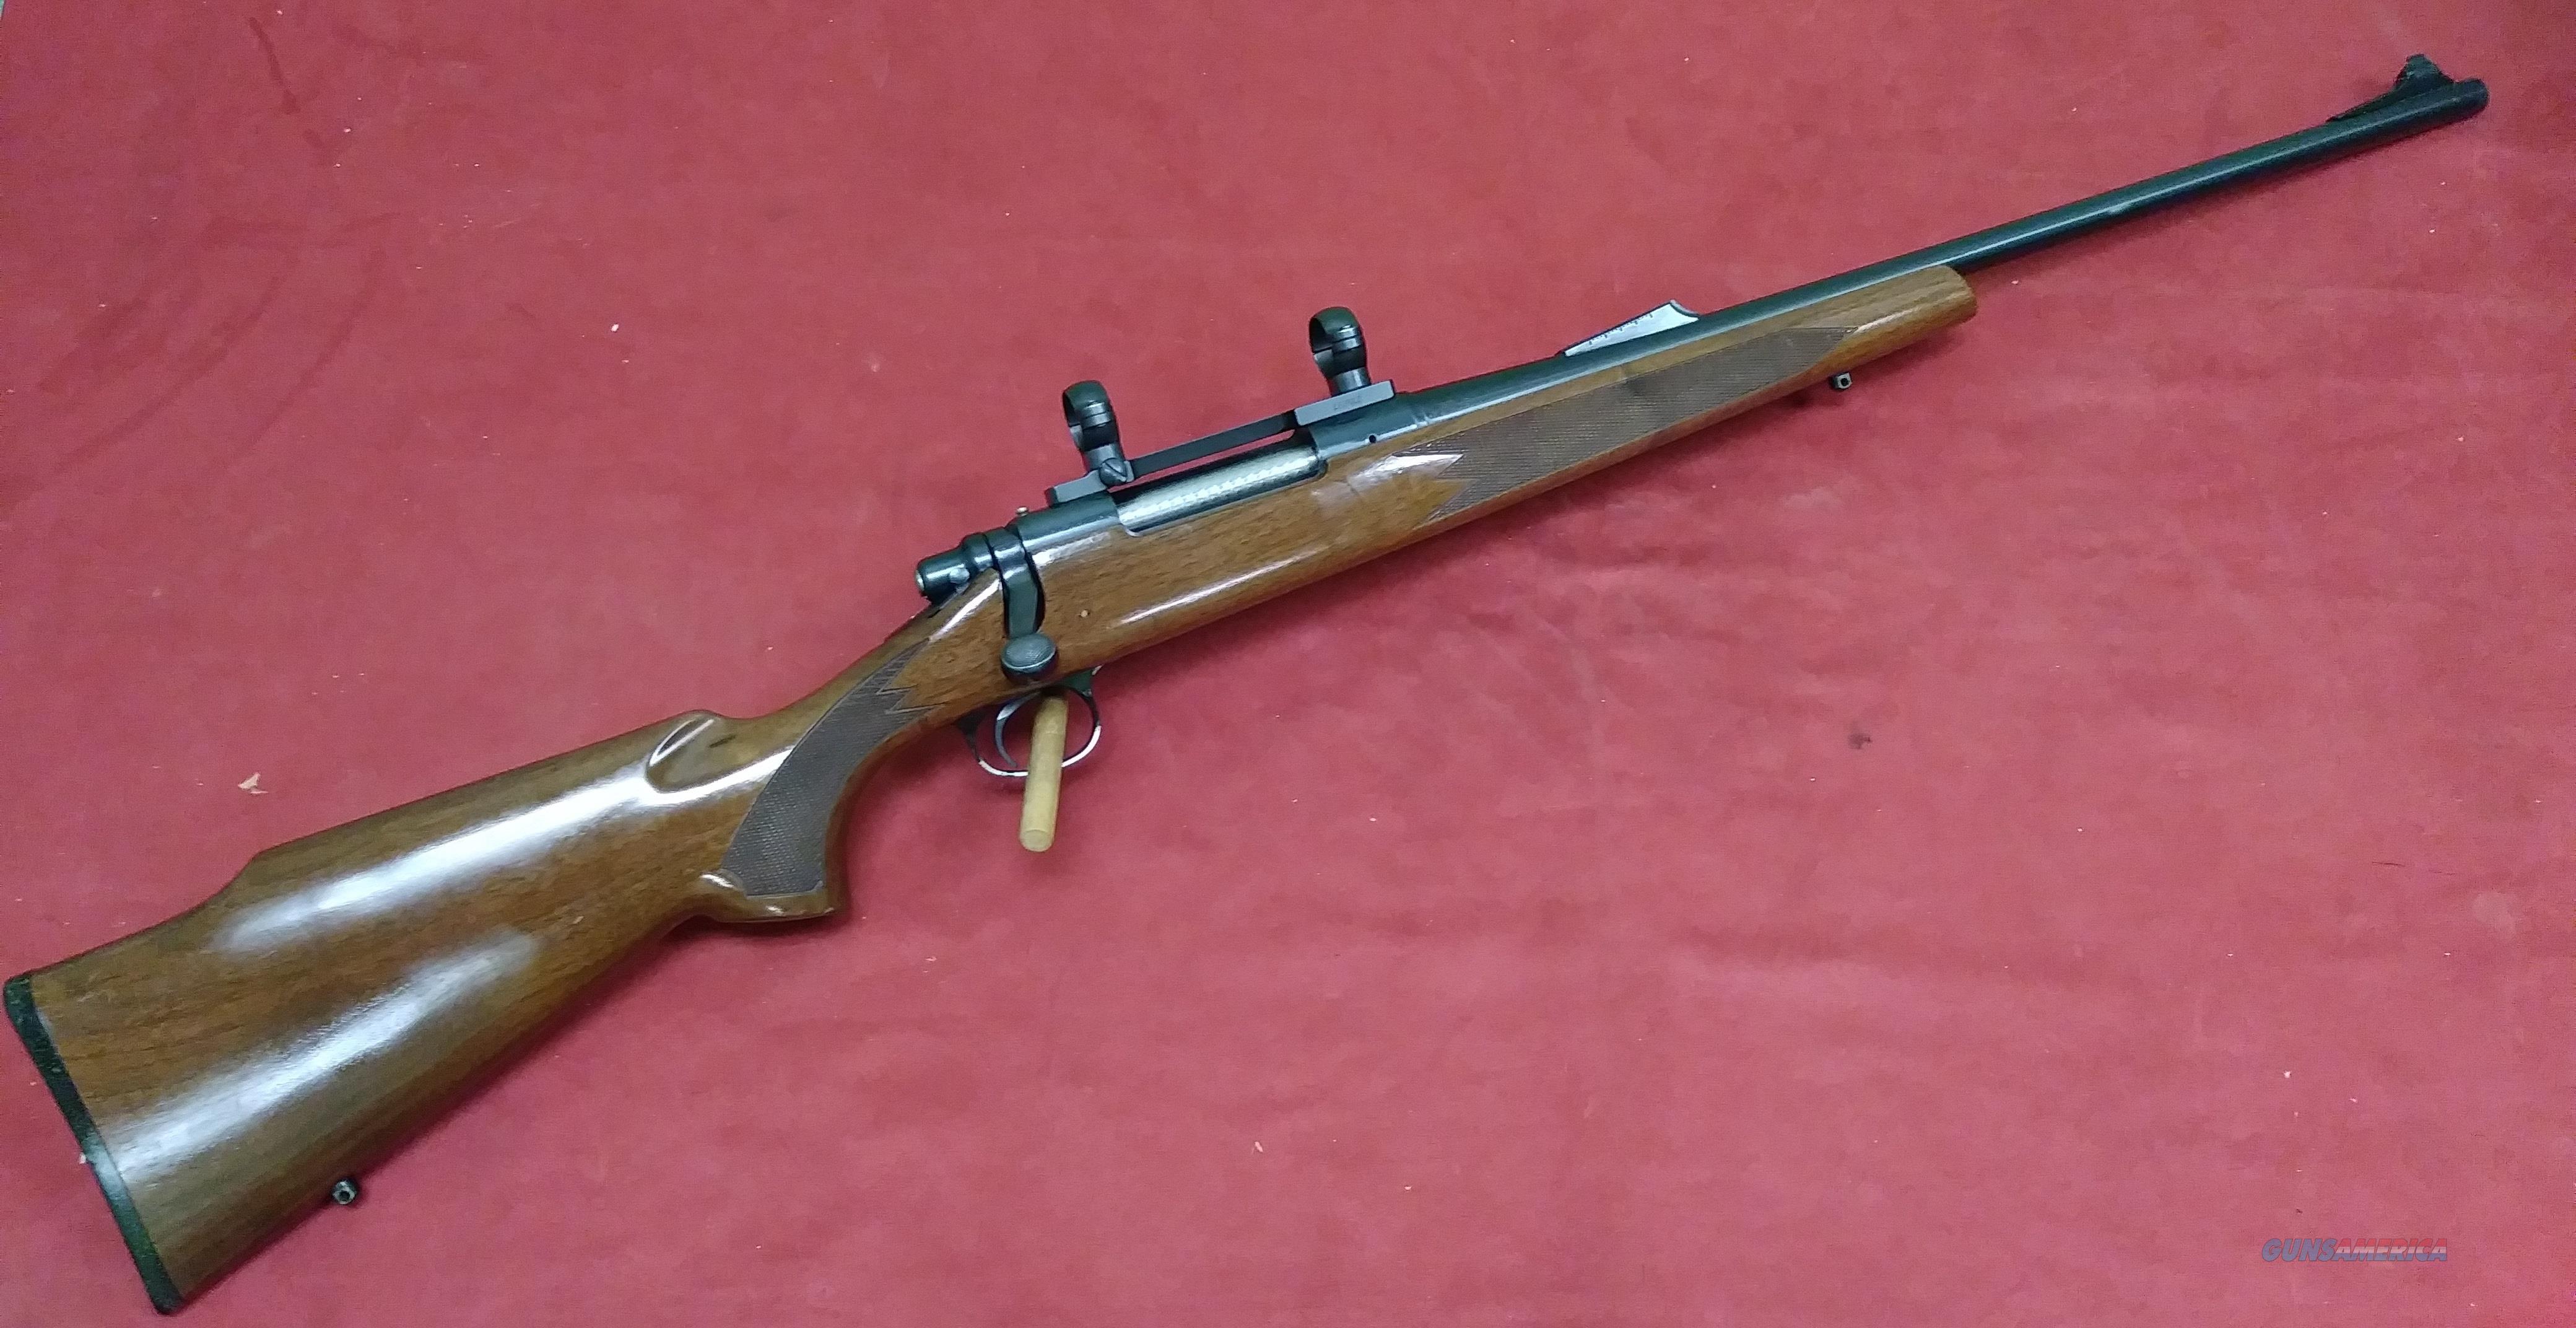 Remington 700, .270 win  Guns > Rifles > Remington Rifles - Modern > Model 700 > Sporting